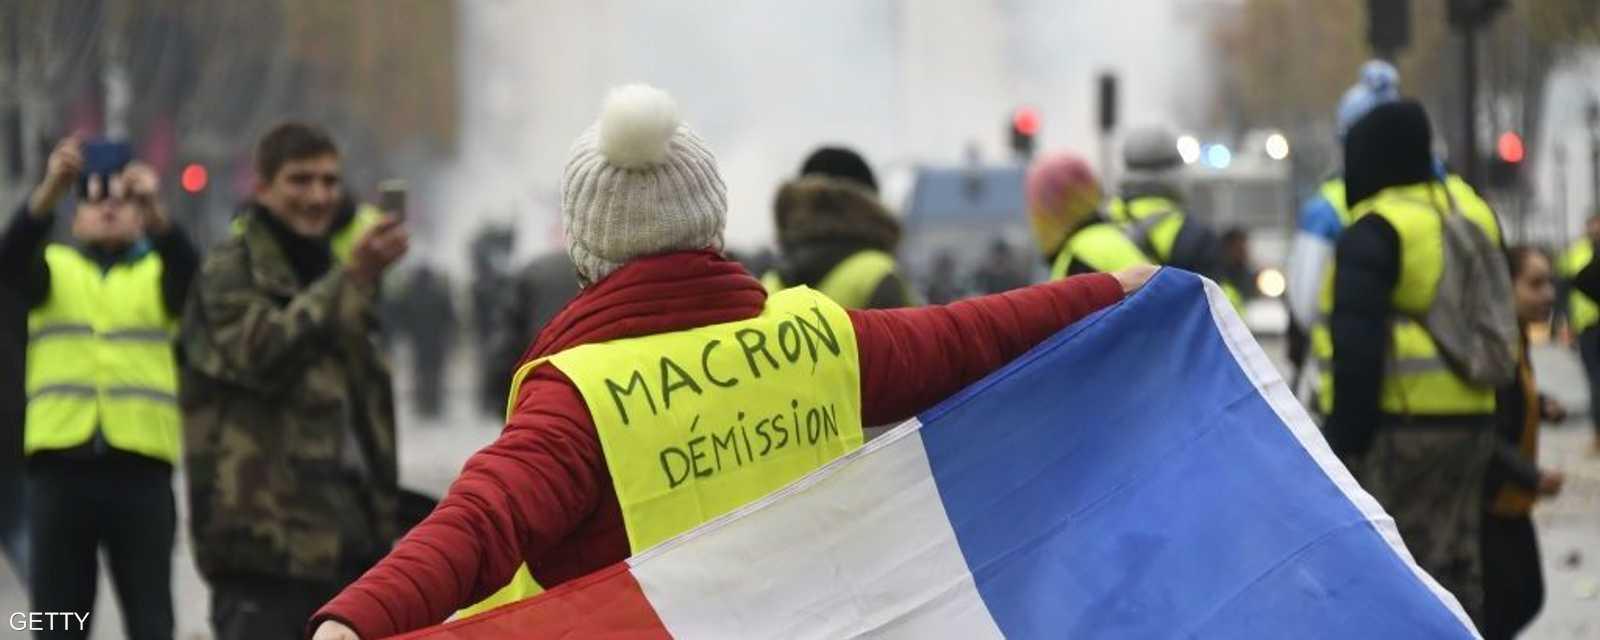 """يحتفل ناشطو حركة """"السترات الصفراء""""، السبت، بمرور 3 أشهر على بداية التظاهر في شوارع المدن الفرنسية، وخصوصا في العاصمة باريس."""